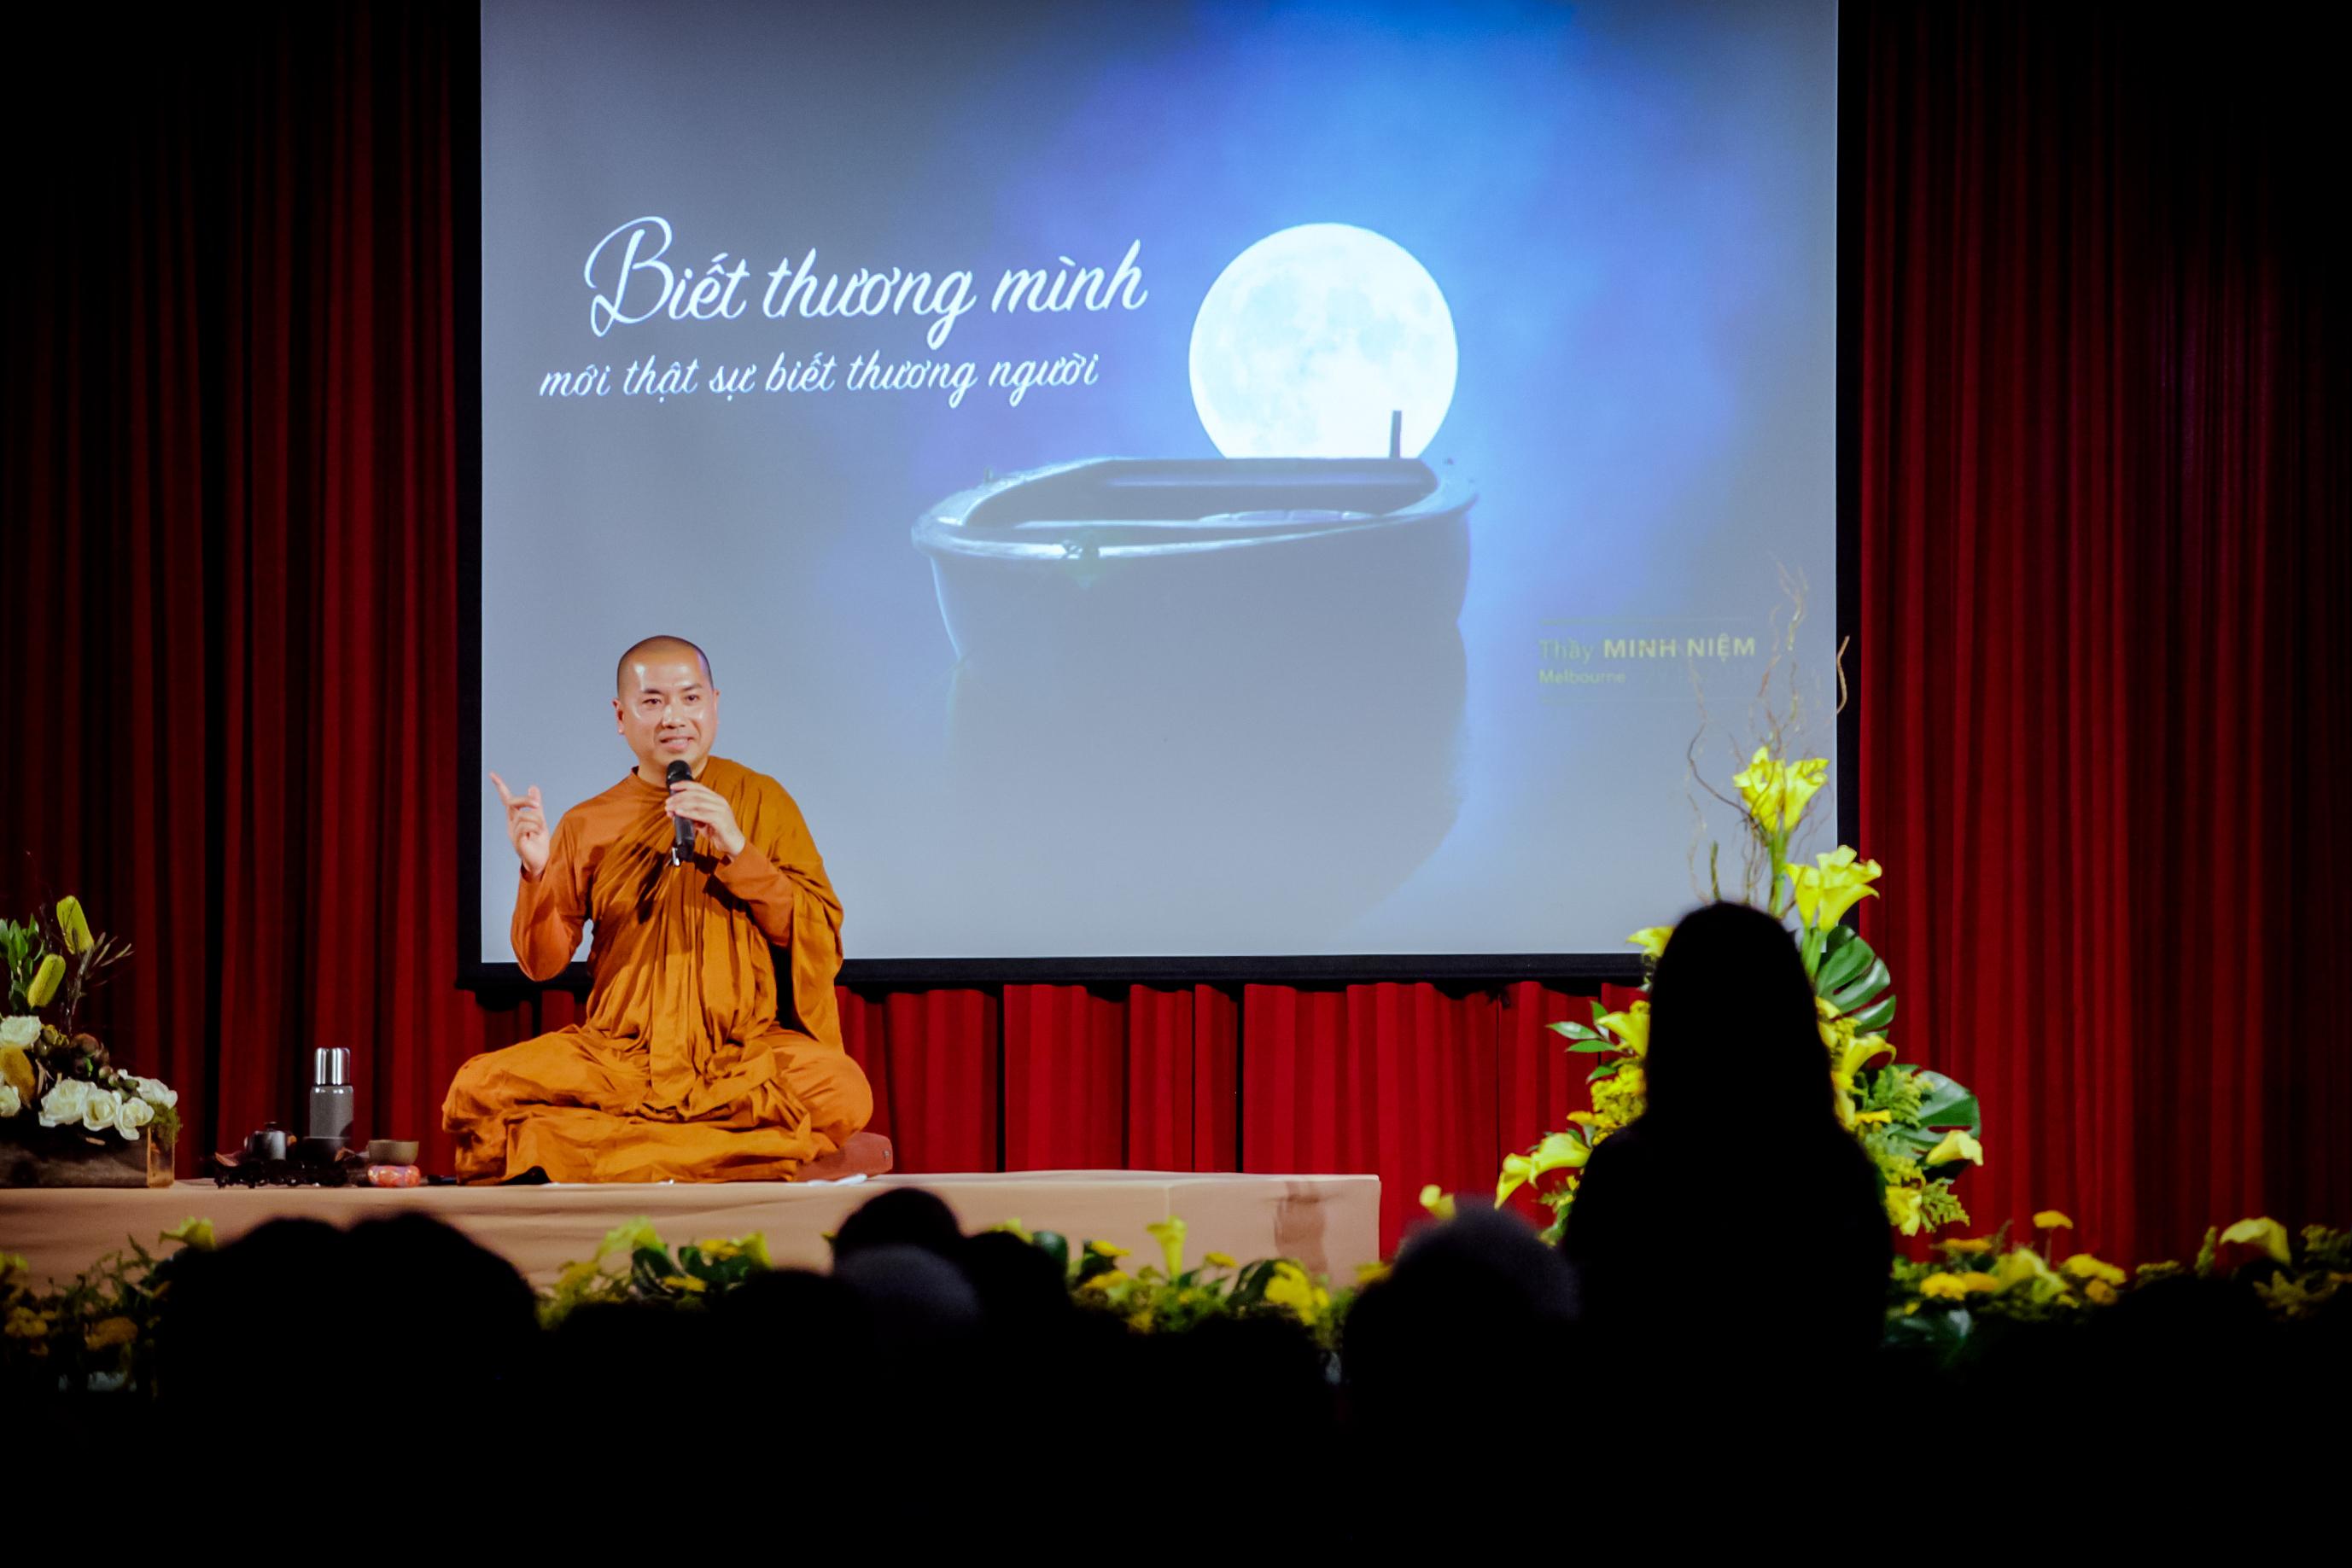 Pháp thoại 29/12/2018, Chùa Quang Minh